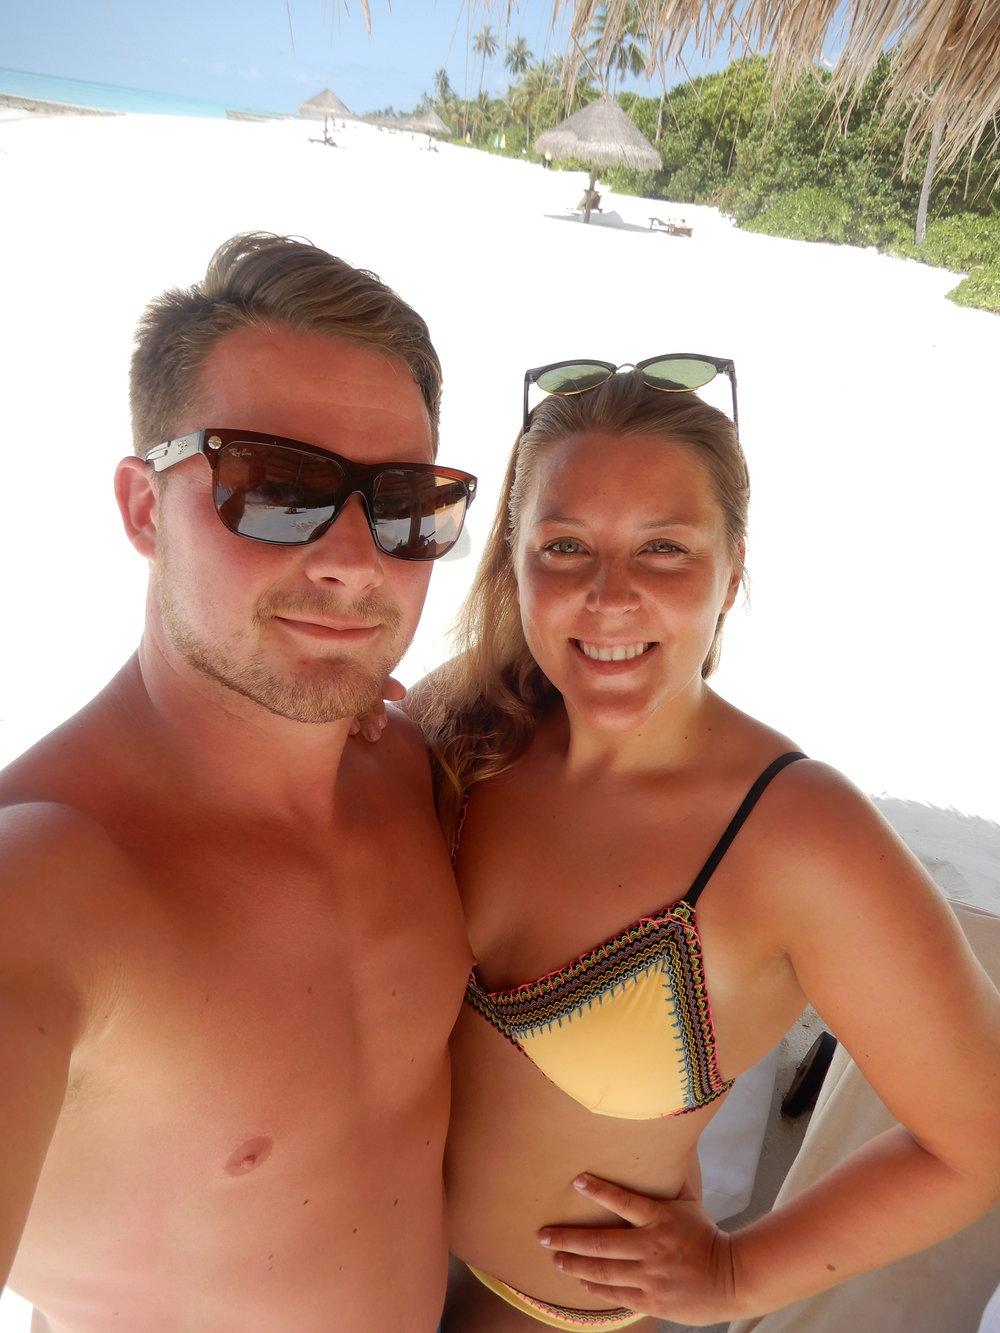 invite-to-paradise-sri-lanka-maldives-holiday-honeymoon-specialists-customer-feedback-mary-martyn-mellet-140.JPG